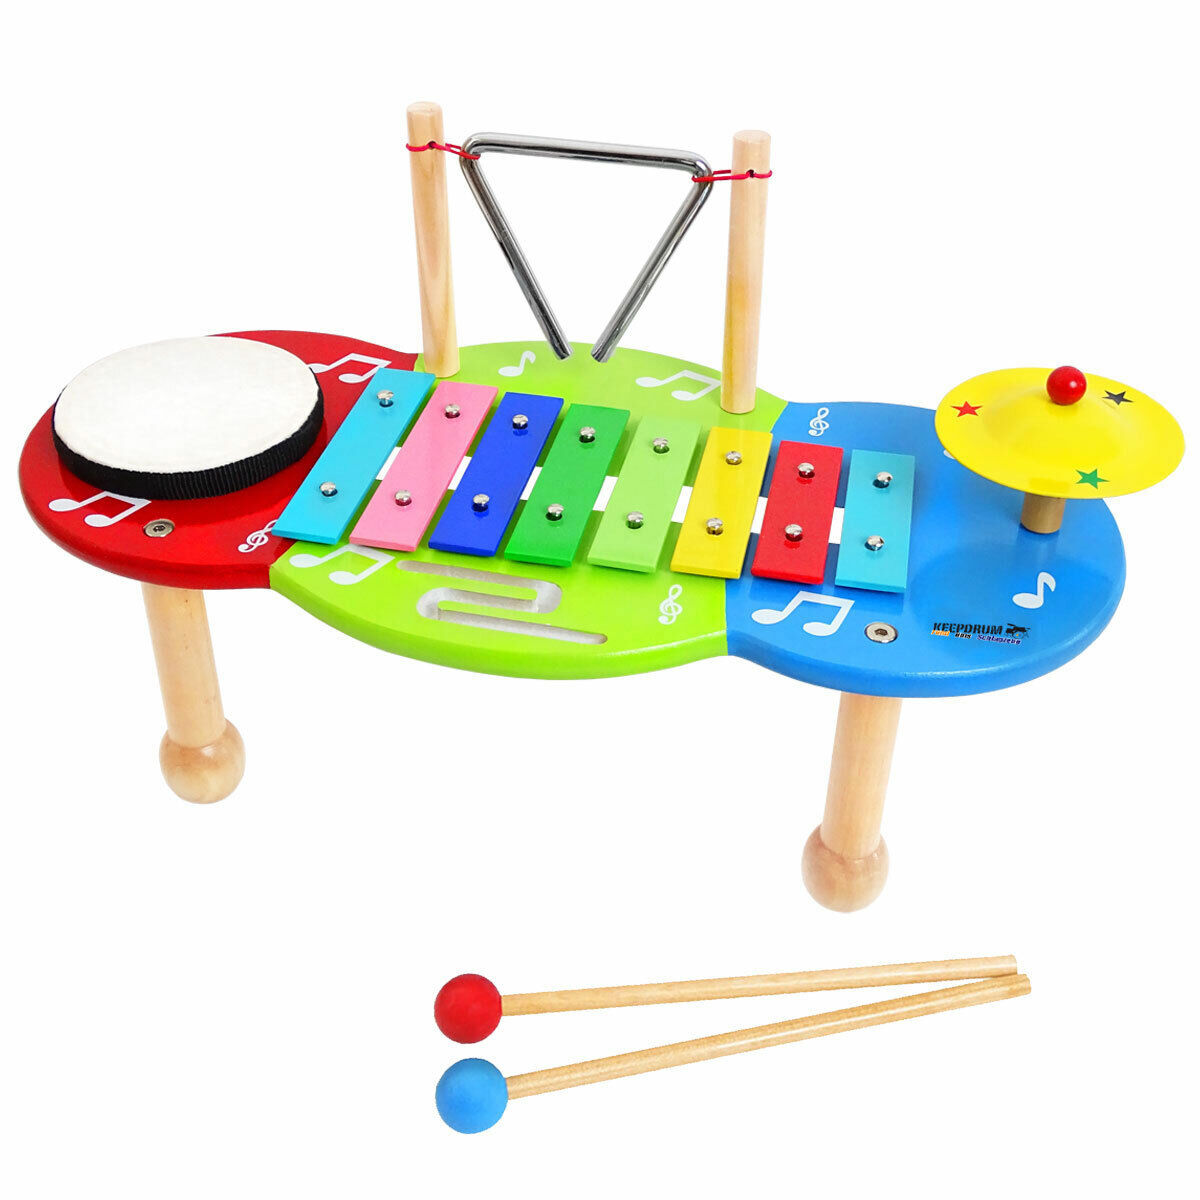 KEEPDRUM Musiktisch Glockenspiel Schlagzeug Spiel-Tisch Kinder-Percussion-Set